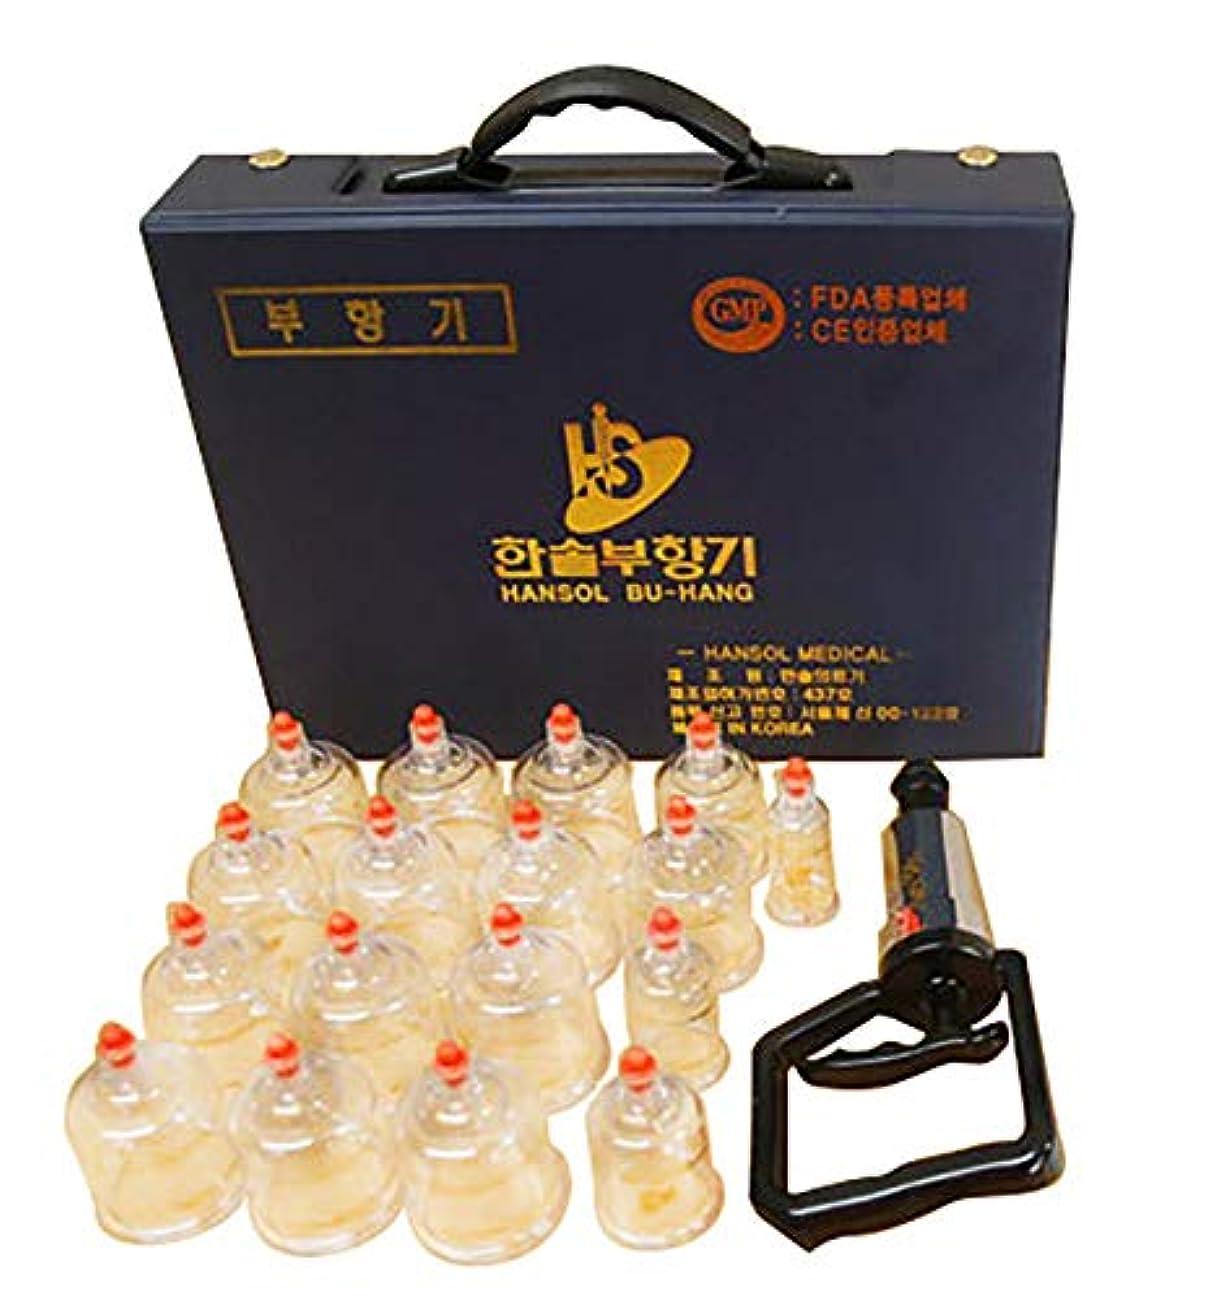 うめき声通常運営中国四千年の健康法「吸玉」がご家庭で手軽にできる!ハンソルメディカル ブハン カッピングカップ17個セット